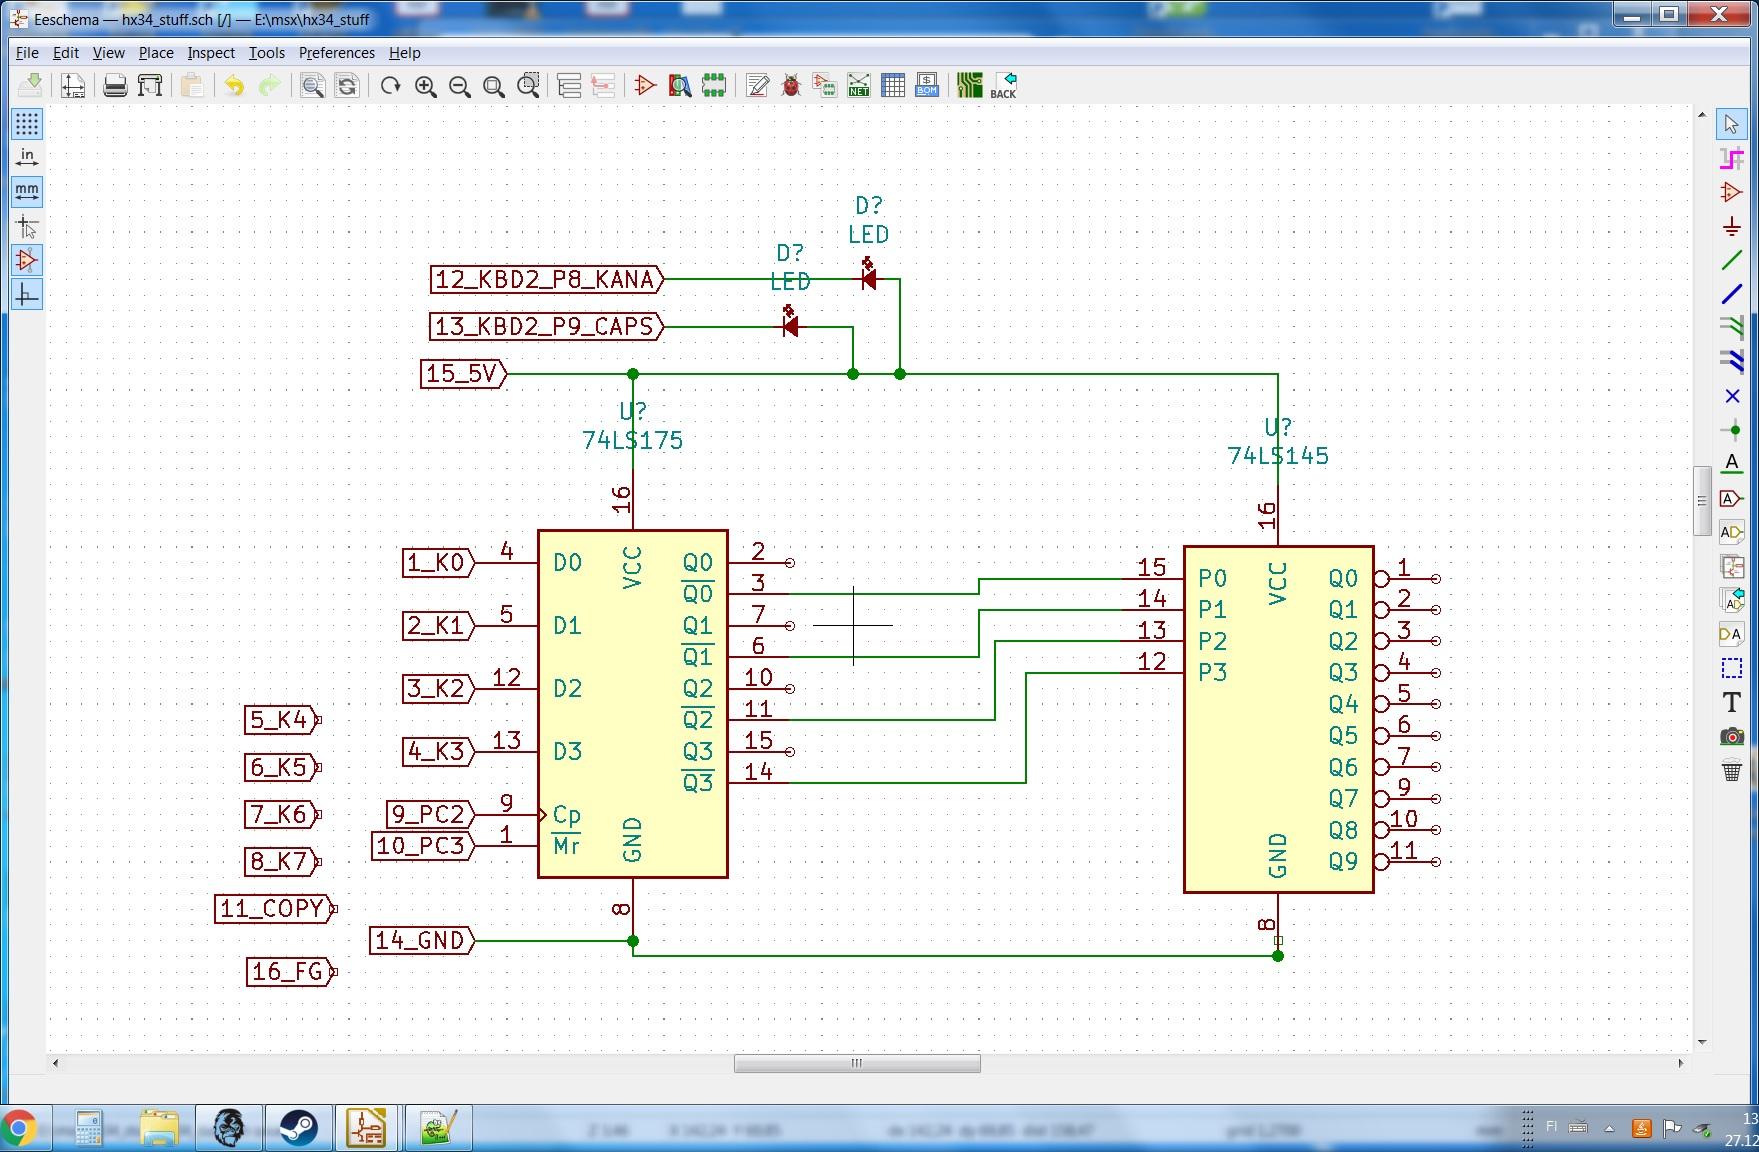 hx34_keyboard_pinout.jpg